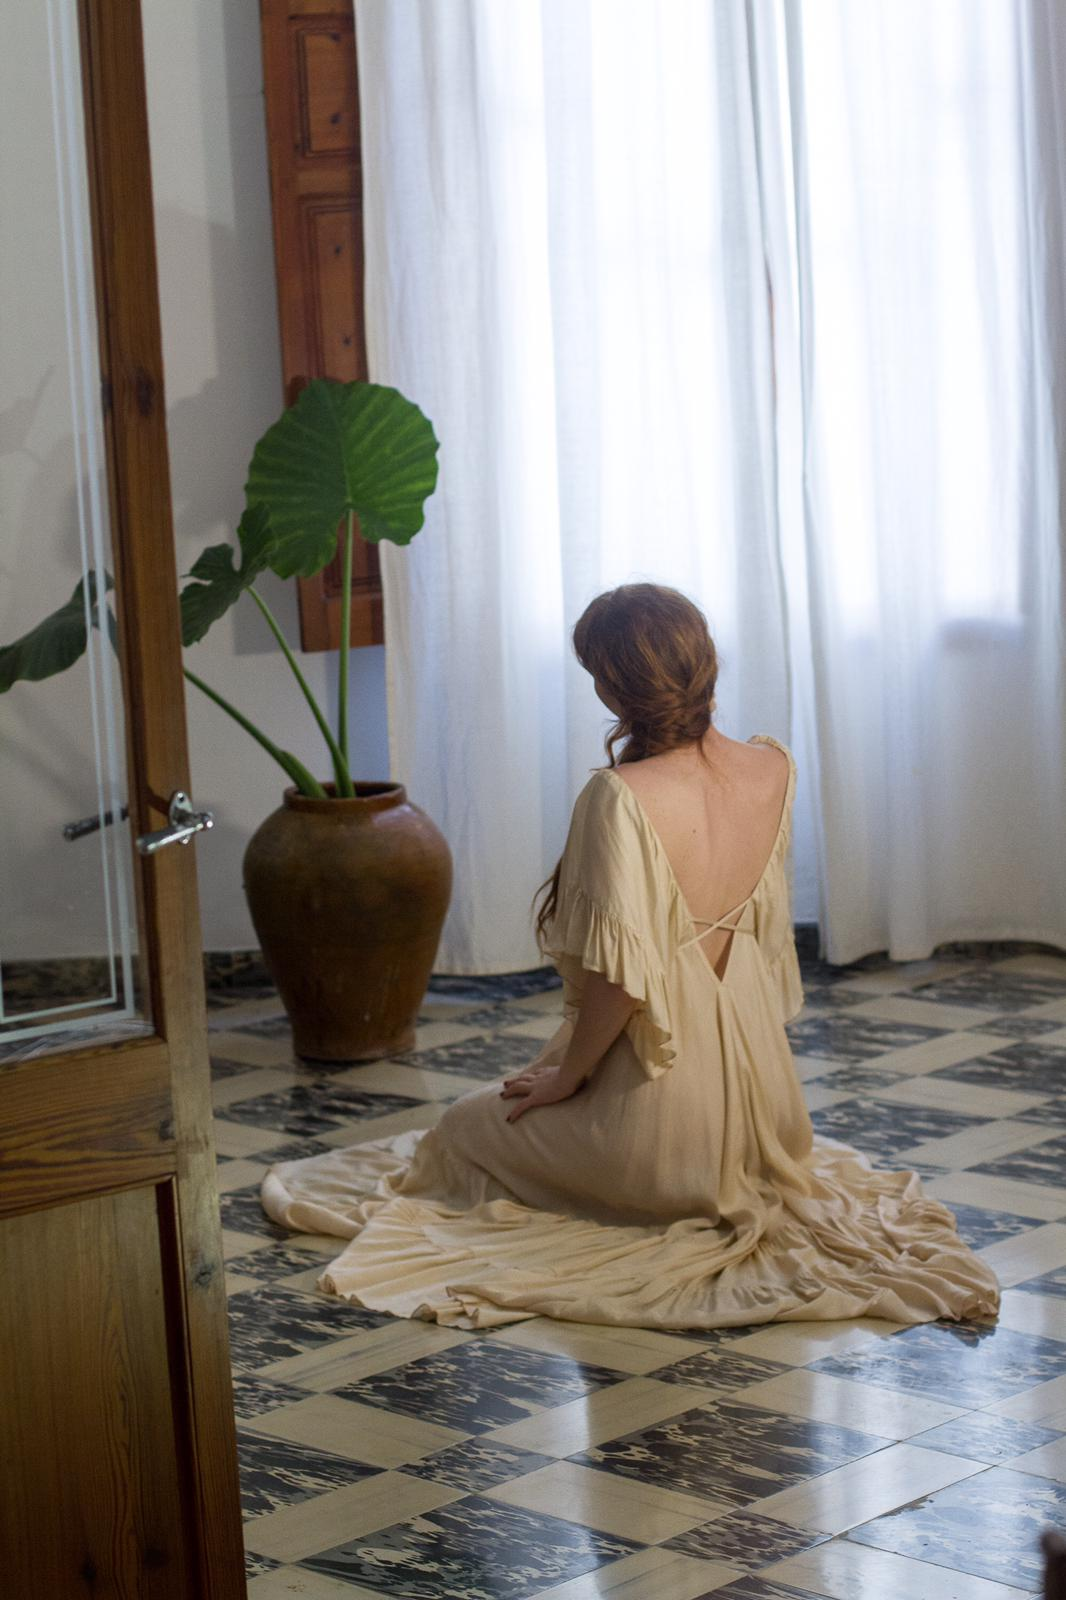 carolina.albertoni.mallorca.handamde.dresses.soft.sensual.feminity